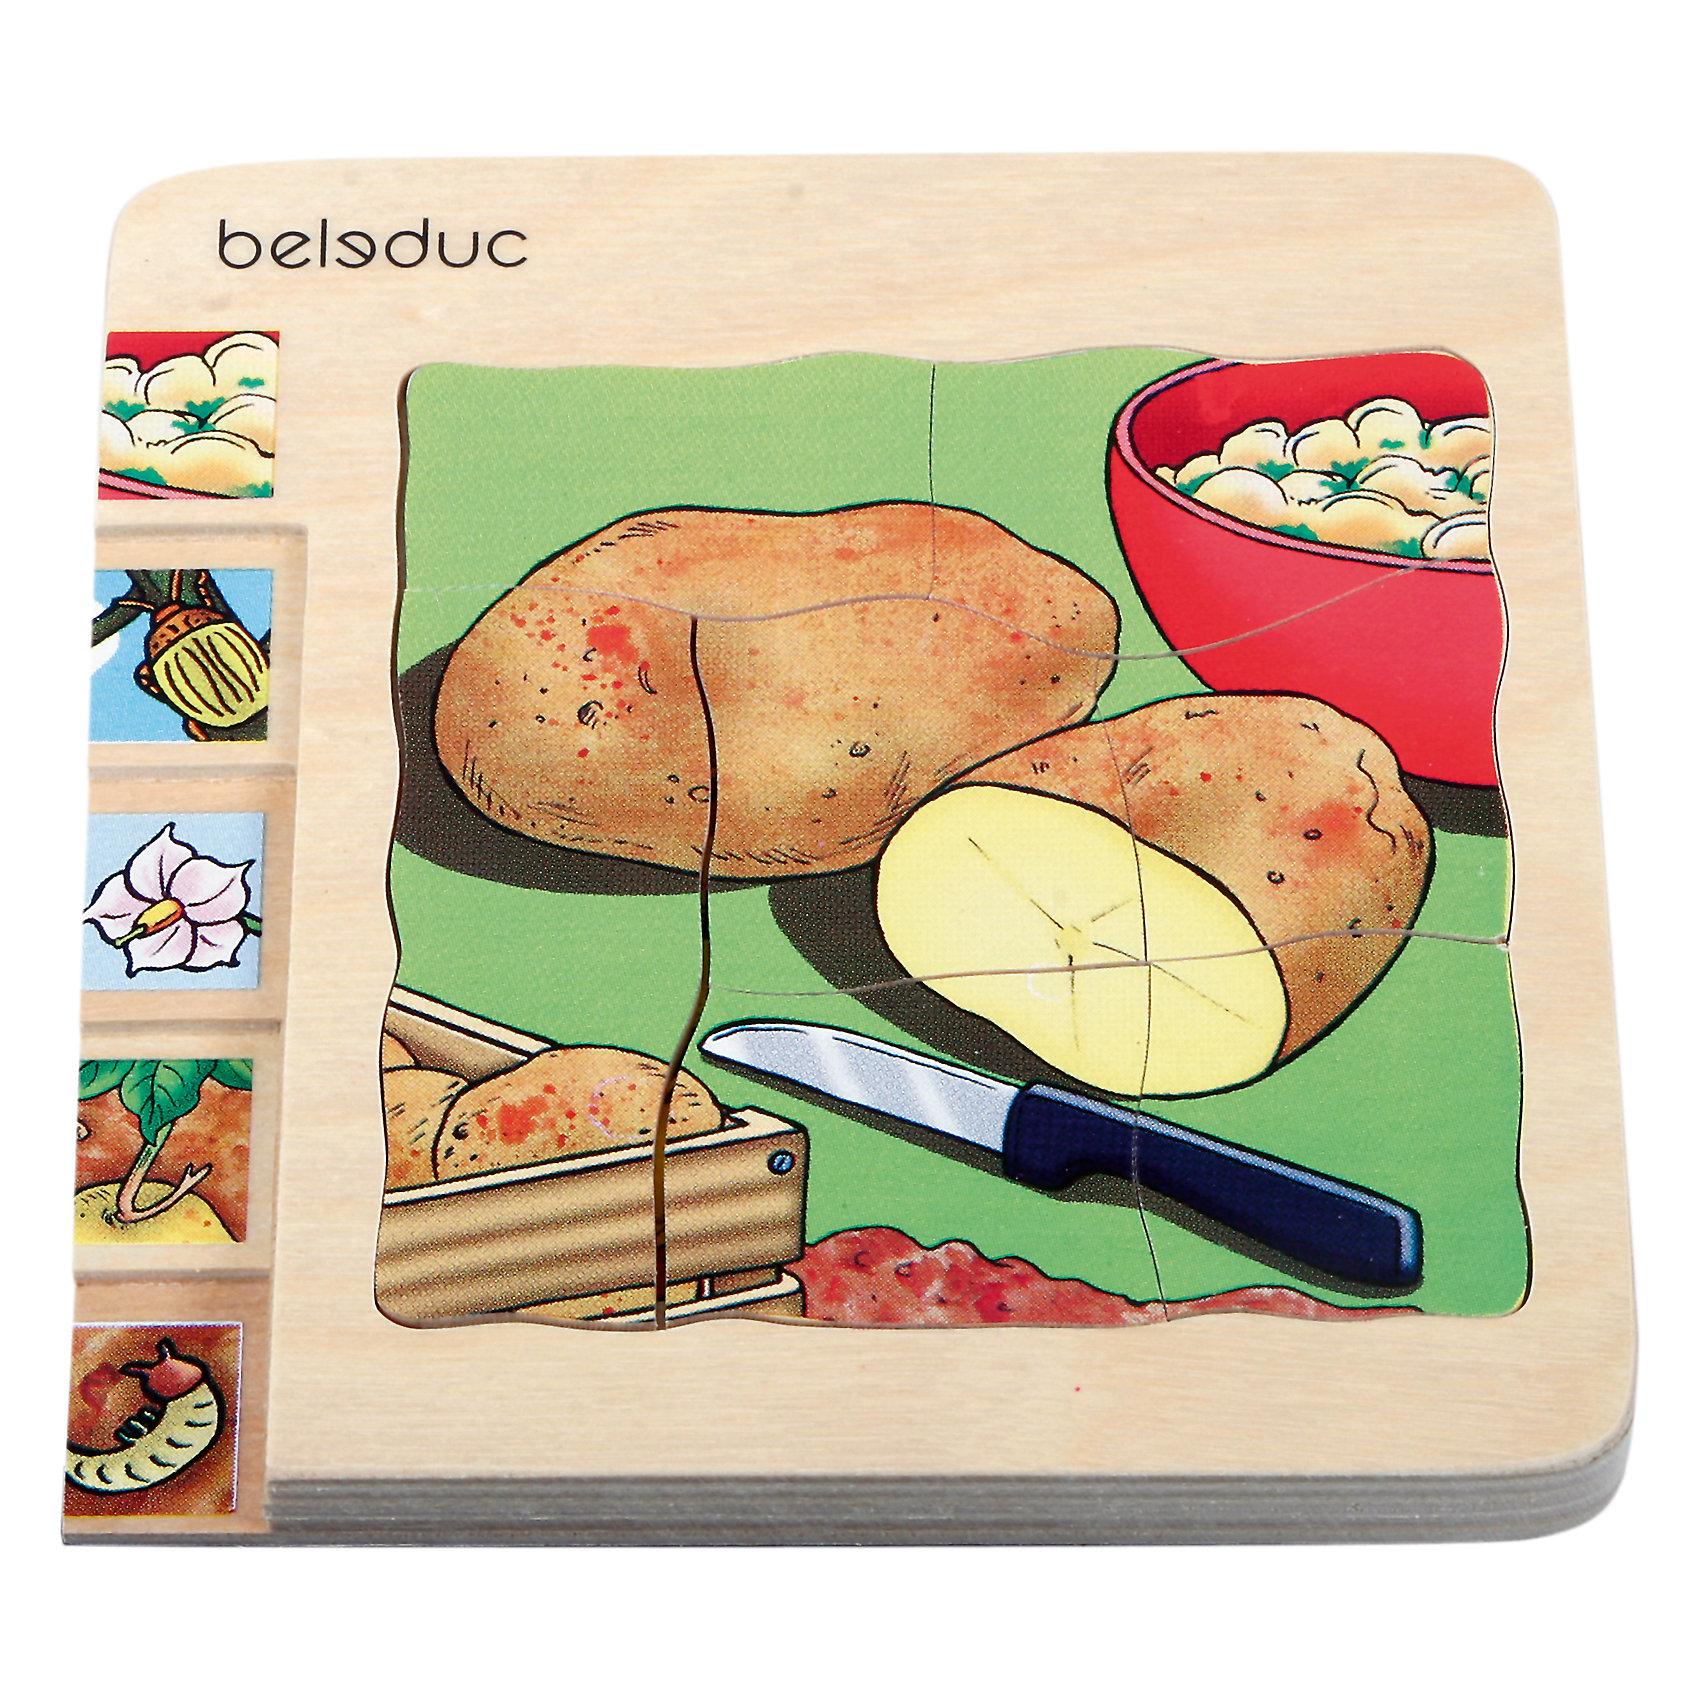 Многослойный пазл Картофель, BeleducС помощью Пазла Картофель, Beleduc (Беледук) дети узнают, как растет картошка. Задача ребенка – собрать не только части каждого из 4 пазлов, но и сложить слоями все пазлы в правильной последовательности от посадки картофелины с глазками до готовых клубней на столе.<br><br>Характеристики:<br>-Высокое качество обработки<br>-Гладкая, приятная на ощупь поверхность<br>-Крупные детали с закругленными углами<br>-Безопасные красители<br>-Игра развивает визуальное восприятие и мелкую моторику рук<br><br>Комплектация: основа с рамкой, 4 пазла из 30 частей<br><br>Дополнительная информация:<br>-Вес в упаковке: 330 г<br>-Размеры в упаковке: 20х18х2,5 см<br>-Материалы: дерево (береза)<br>-Размер игры: 14,3x14,5x1,8 см<br><br>Ваш ребенок с удовольствием сможет провести время за собиранием пазла и узнает, как растет картофель.  <br><br>Пазл Картофель, Beleduc (Беледук) можно купить в нашем магазине.<br><br>Ширина мм: 200<br>Глубина мм: 180<br>Высота мм: 25<br>Вес г: 330<br>Возраст от месяцев: 36<br>Возраст до месяцев: 60<br>Пол: Унисекс<br>Возраст: Детский<br>SKU: 4066484